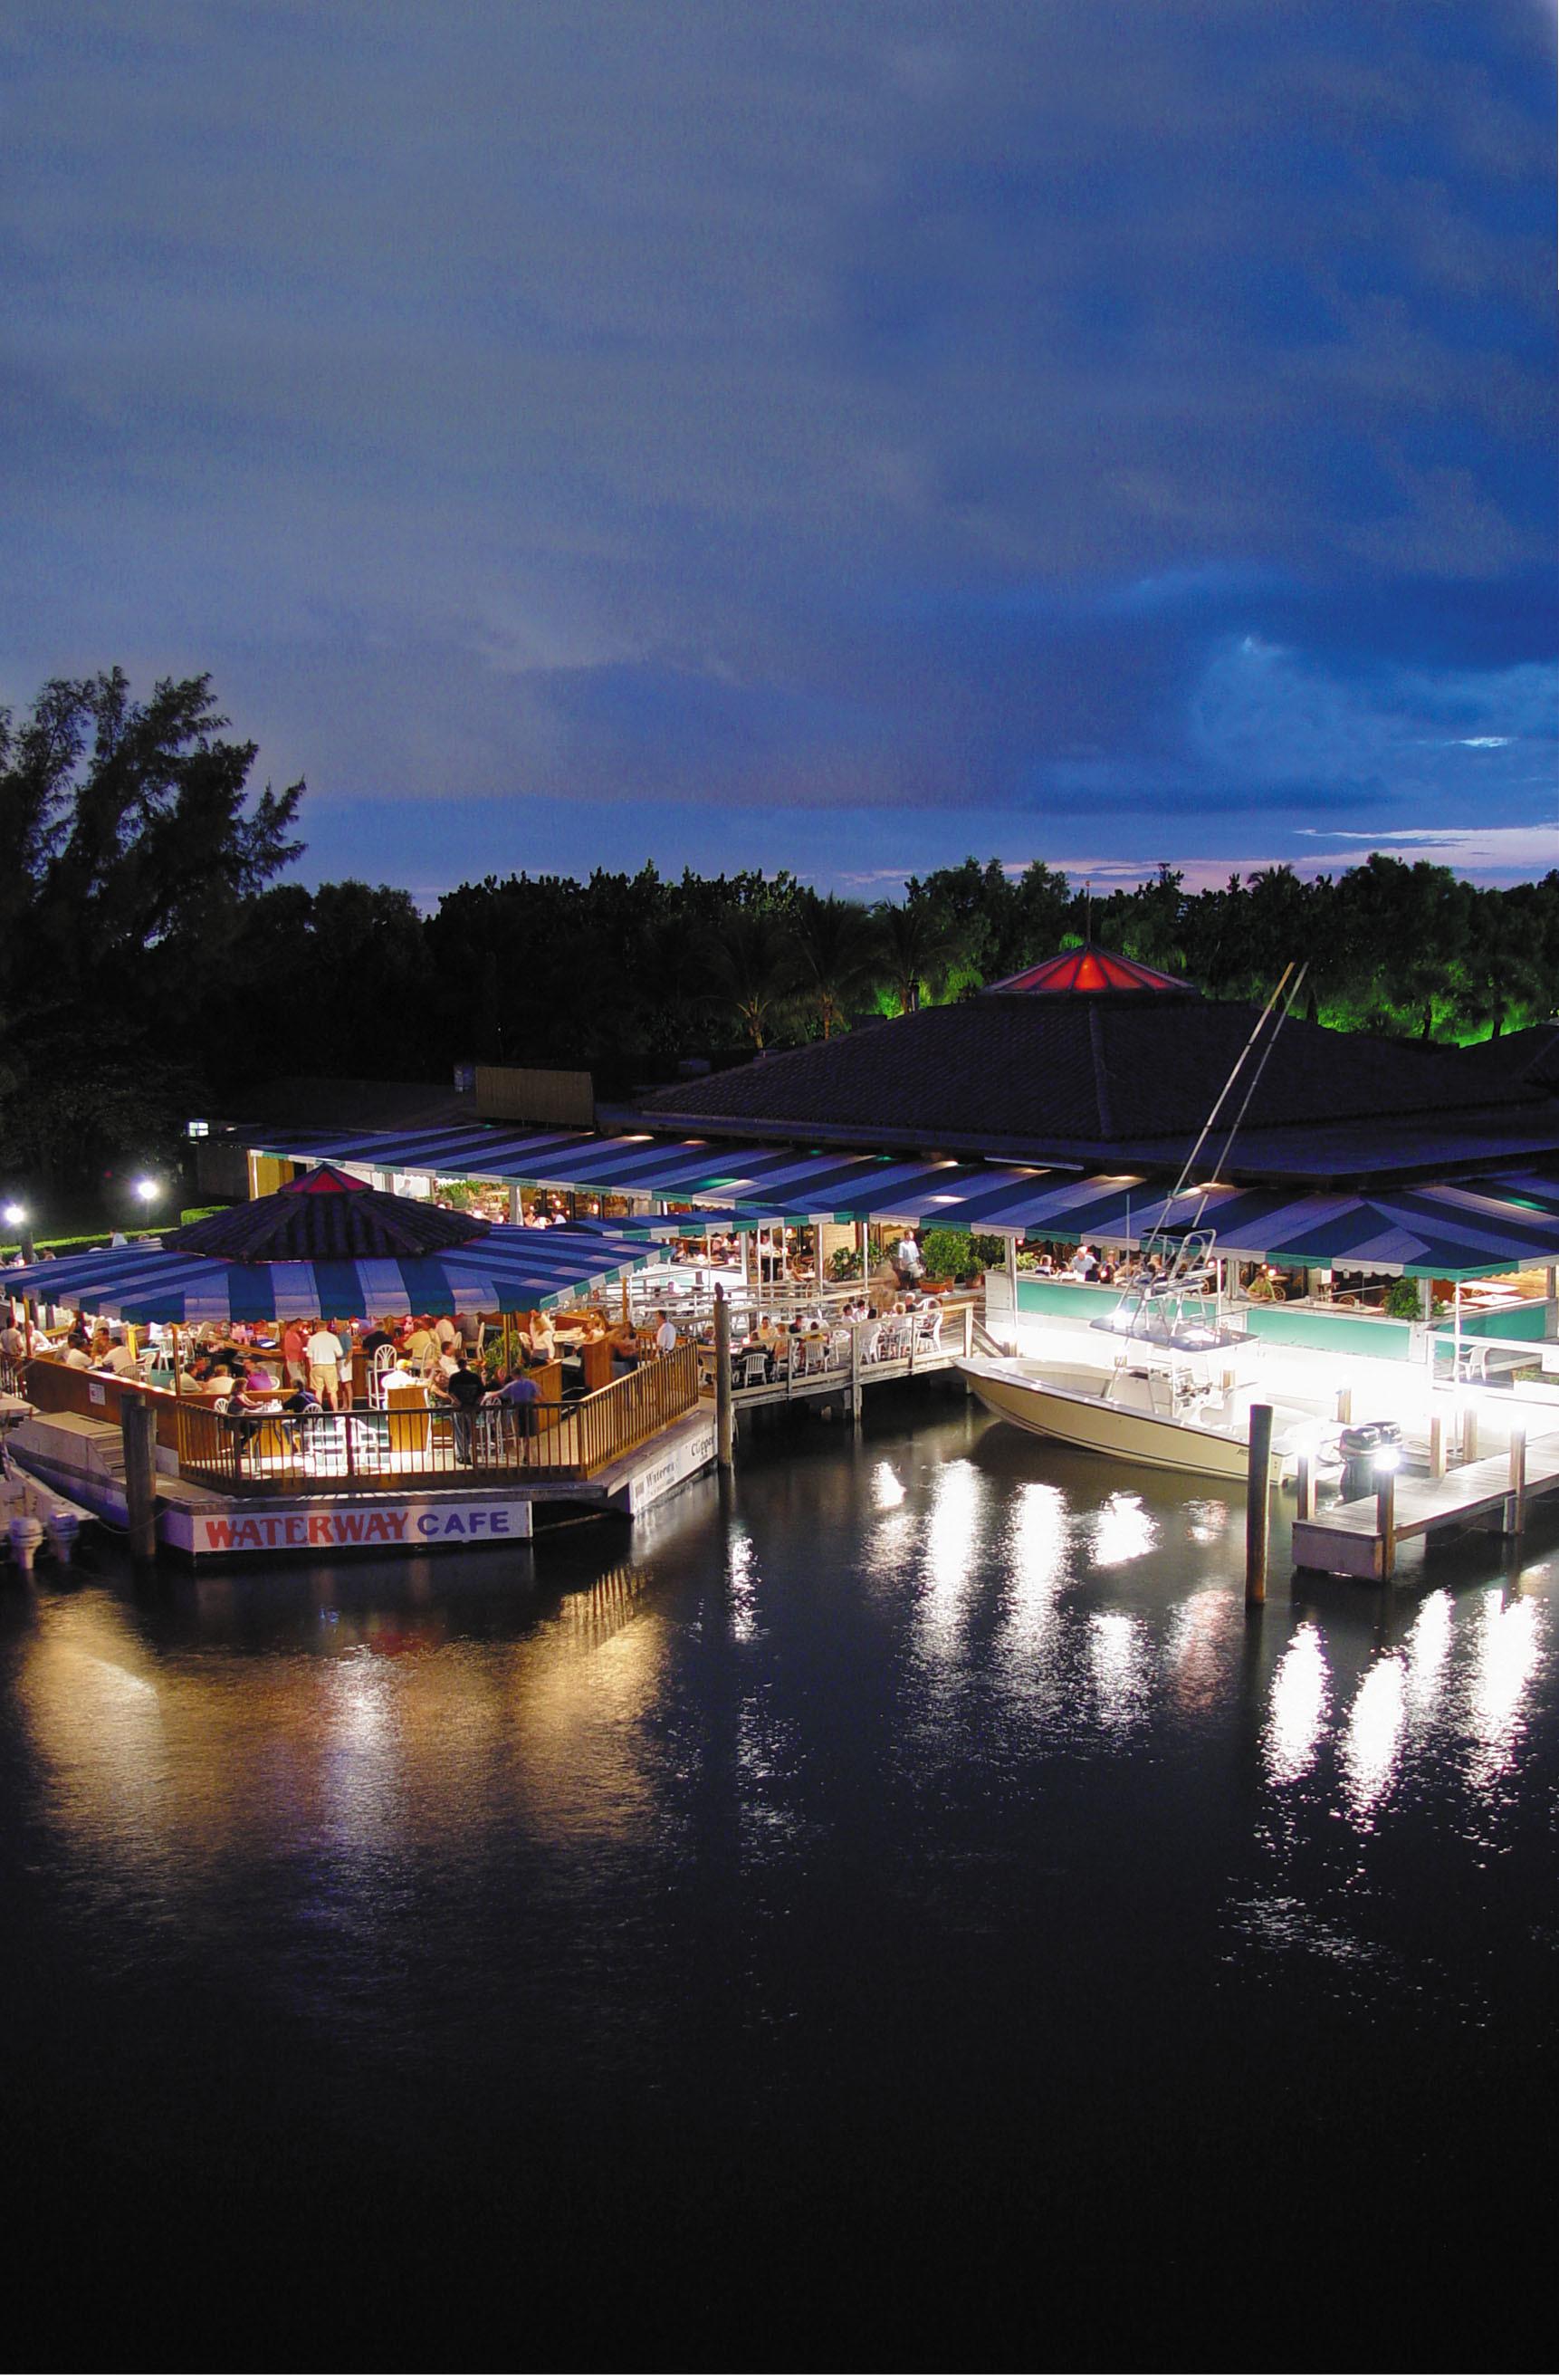 Waterway Cafe, Palm Beach Gardens FL